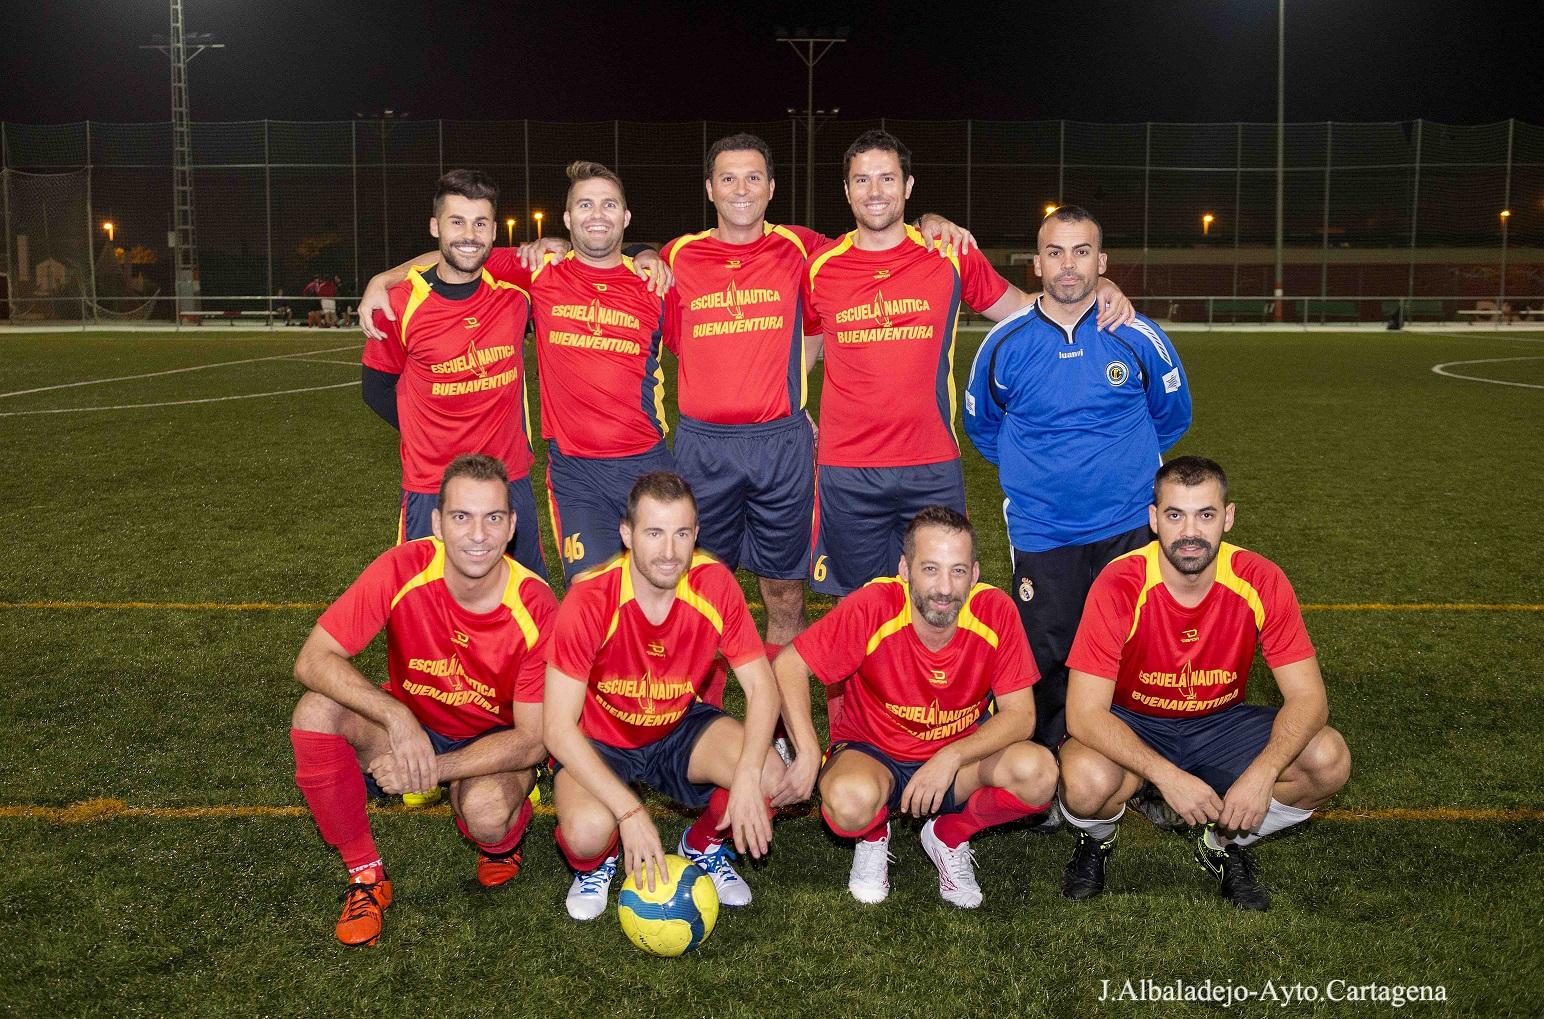 Imagen Fútbol Aficionado 2